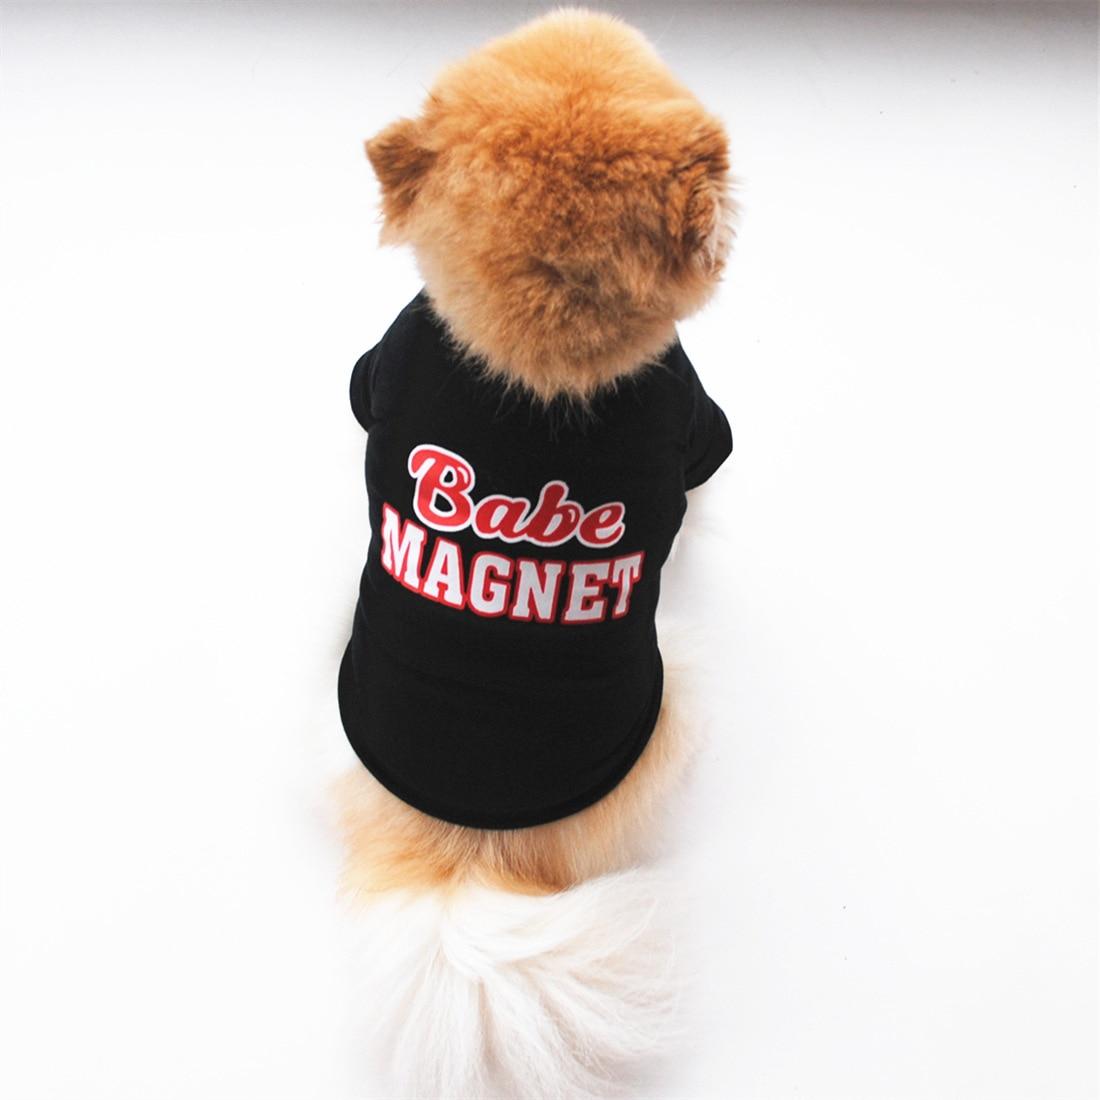 Весенняя одежда для собаки, удобный жилет для маленьких собак, кошек, с буквенным принтом, модная футболка со щенком для чихуахуа, бульдога, костюм для животных